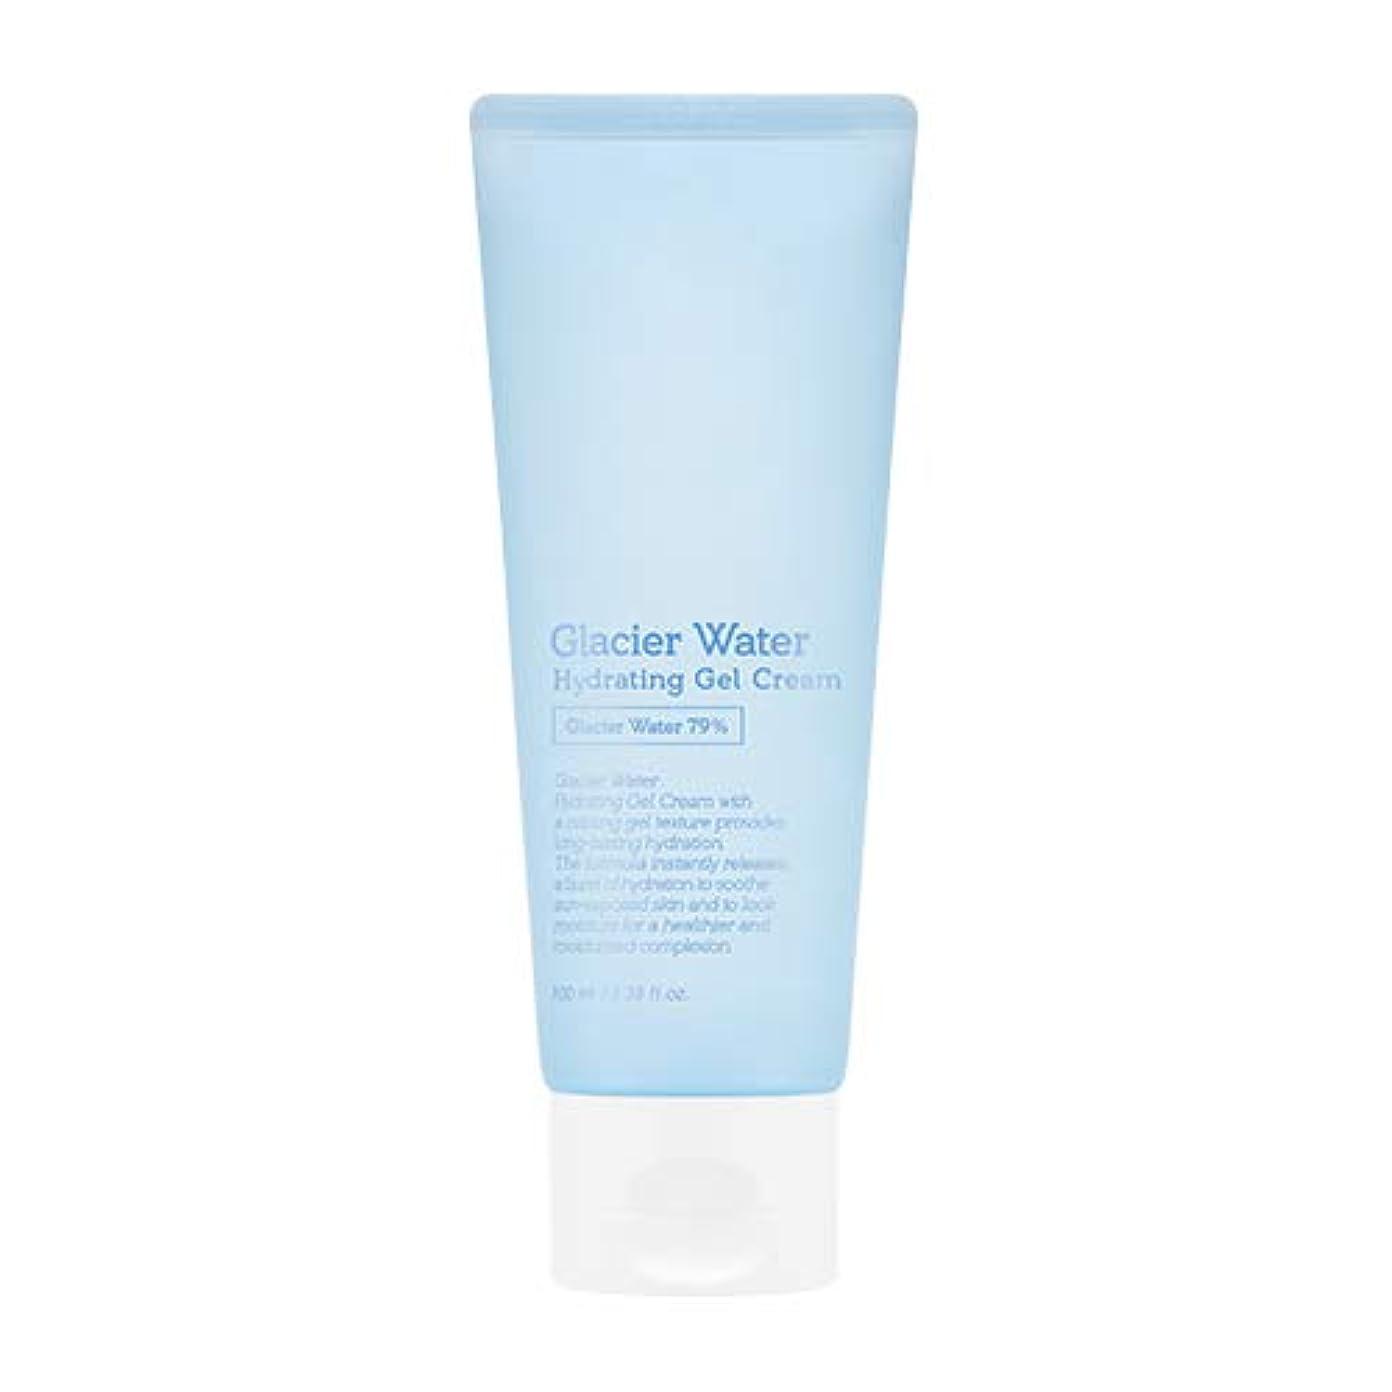 とまり木膨らみ不正確アピュ 氷河水 ハイドレーティングゲルクリーム [大容量] / A'PIEU Glacier Water Hydrating Gel Cream 100ml [並行輸入品]